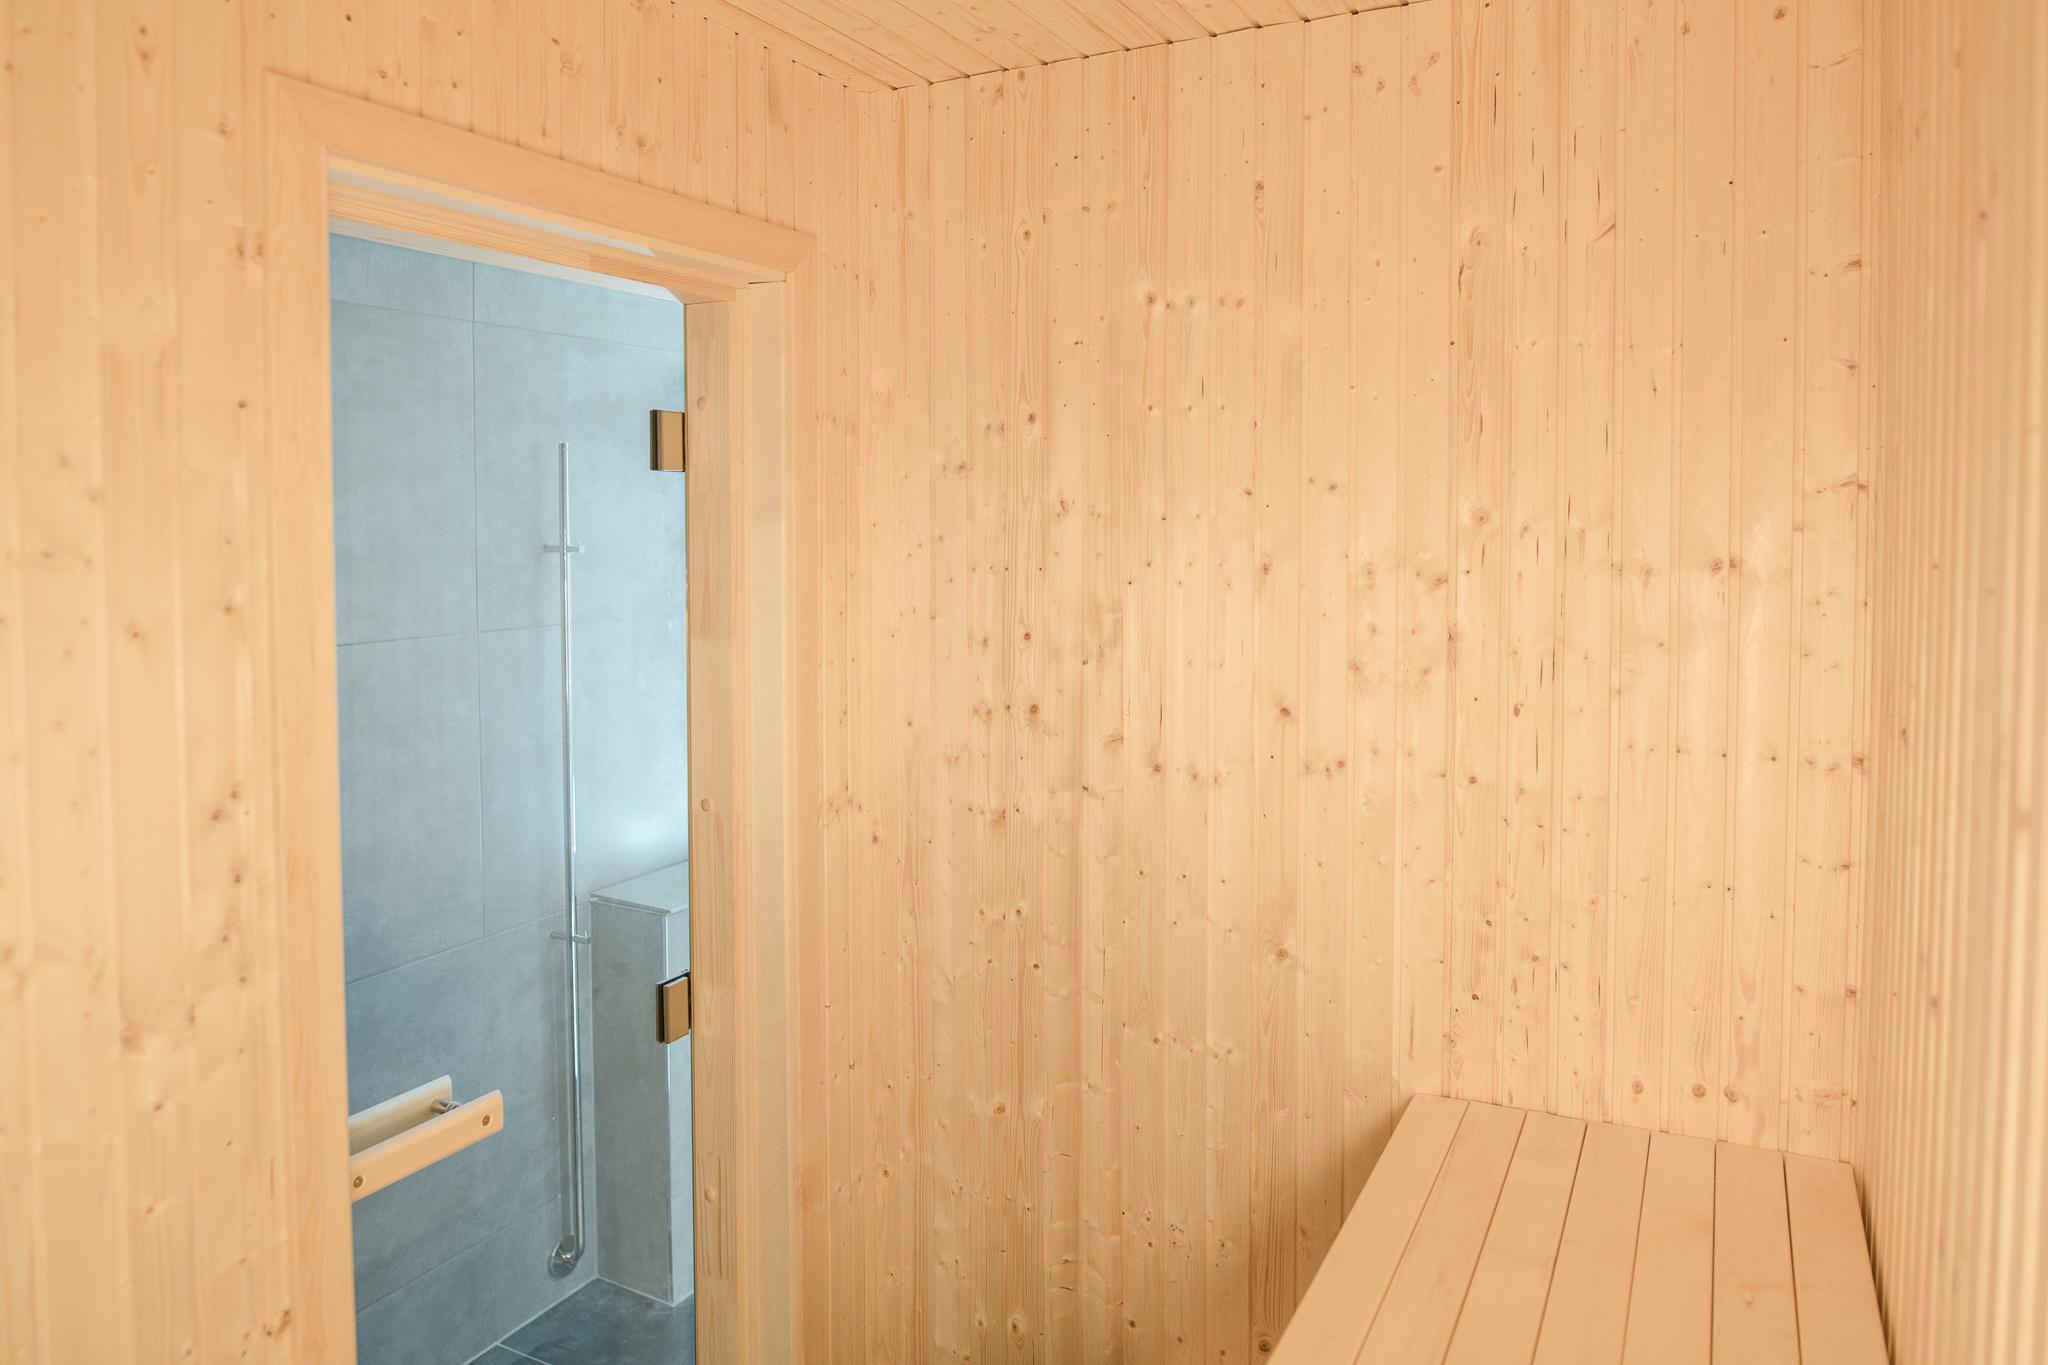 Bastun med furupanel och asplavar. Övre laven kan man flytta ner så man får en extra gästsäng. Utanför, bakom handdukstorken, syns tvättnedkastet som leder ner till en tvättkorg i tvättstugan.